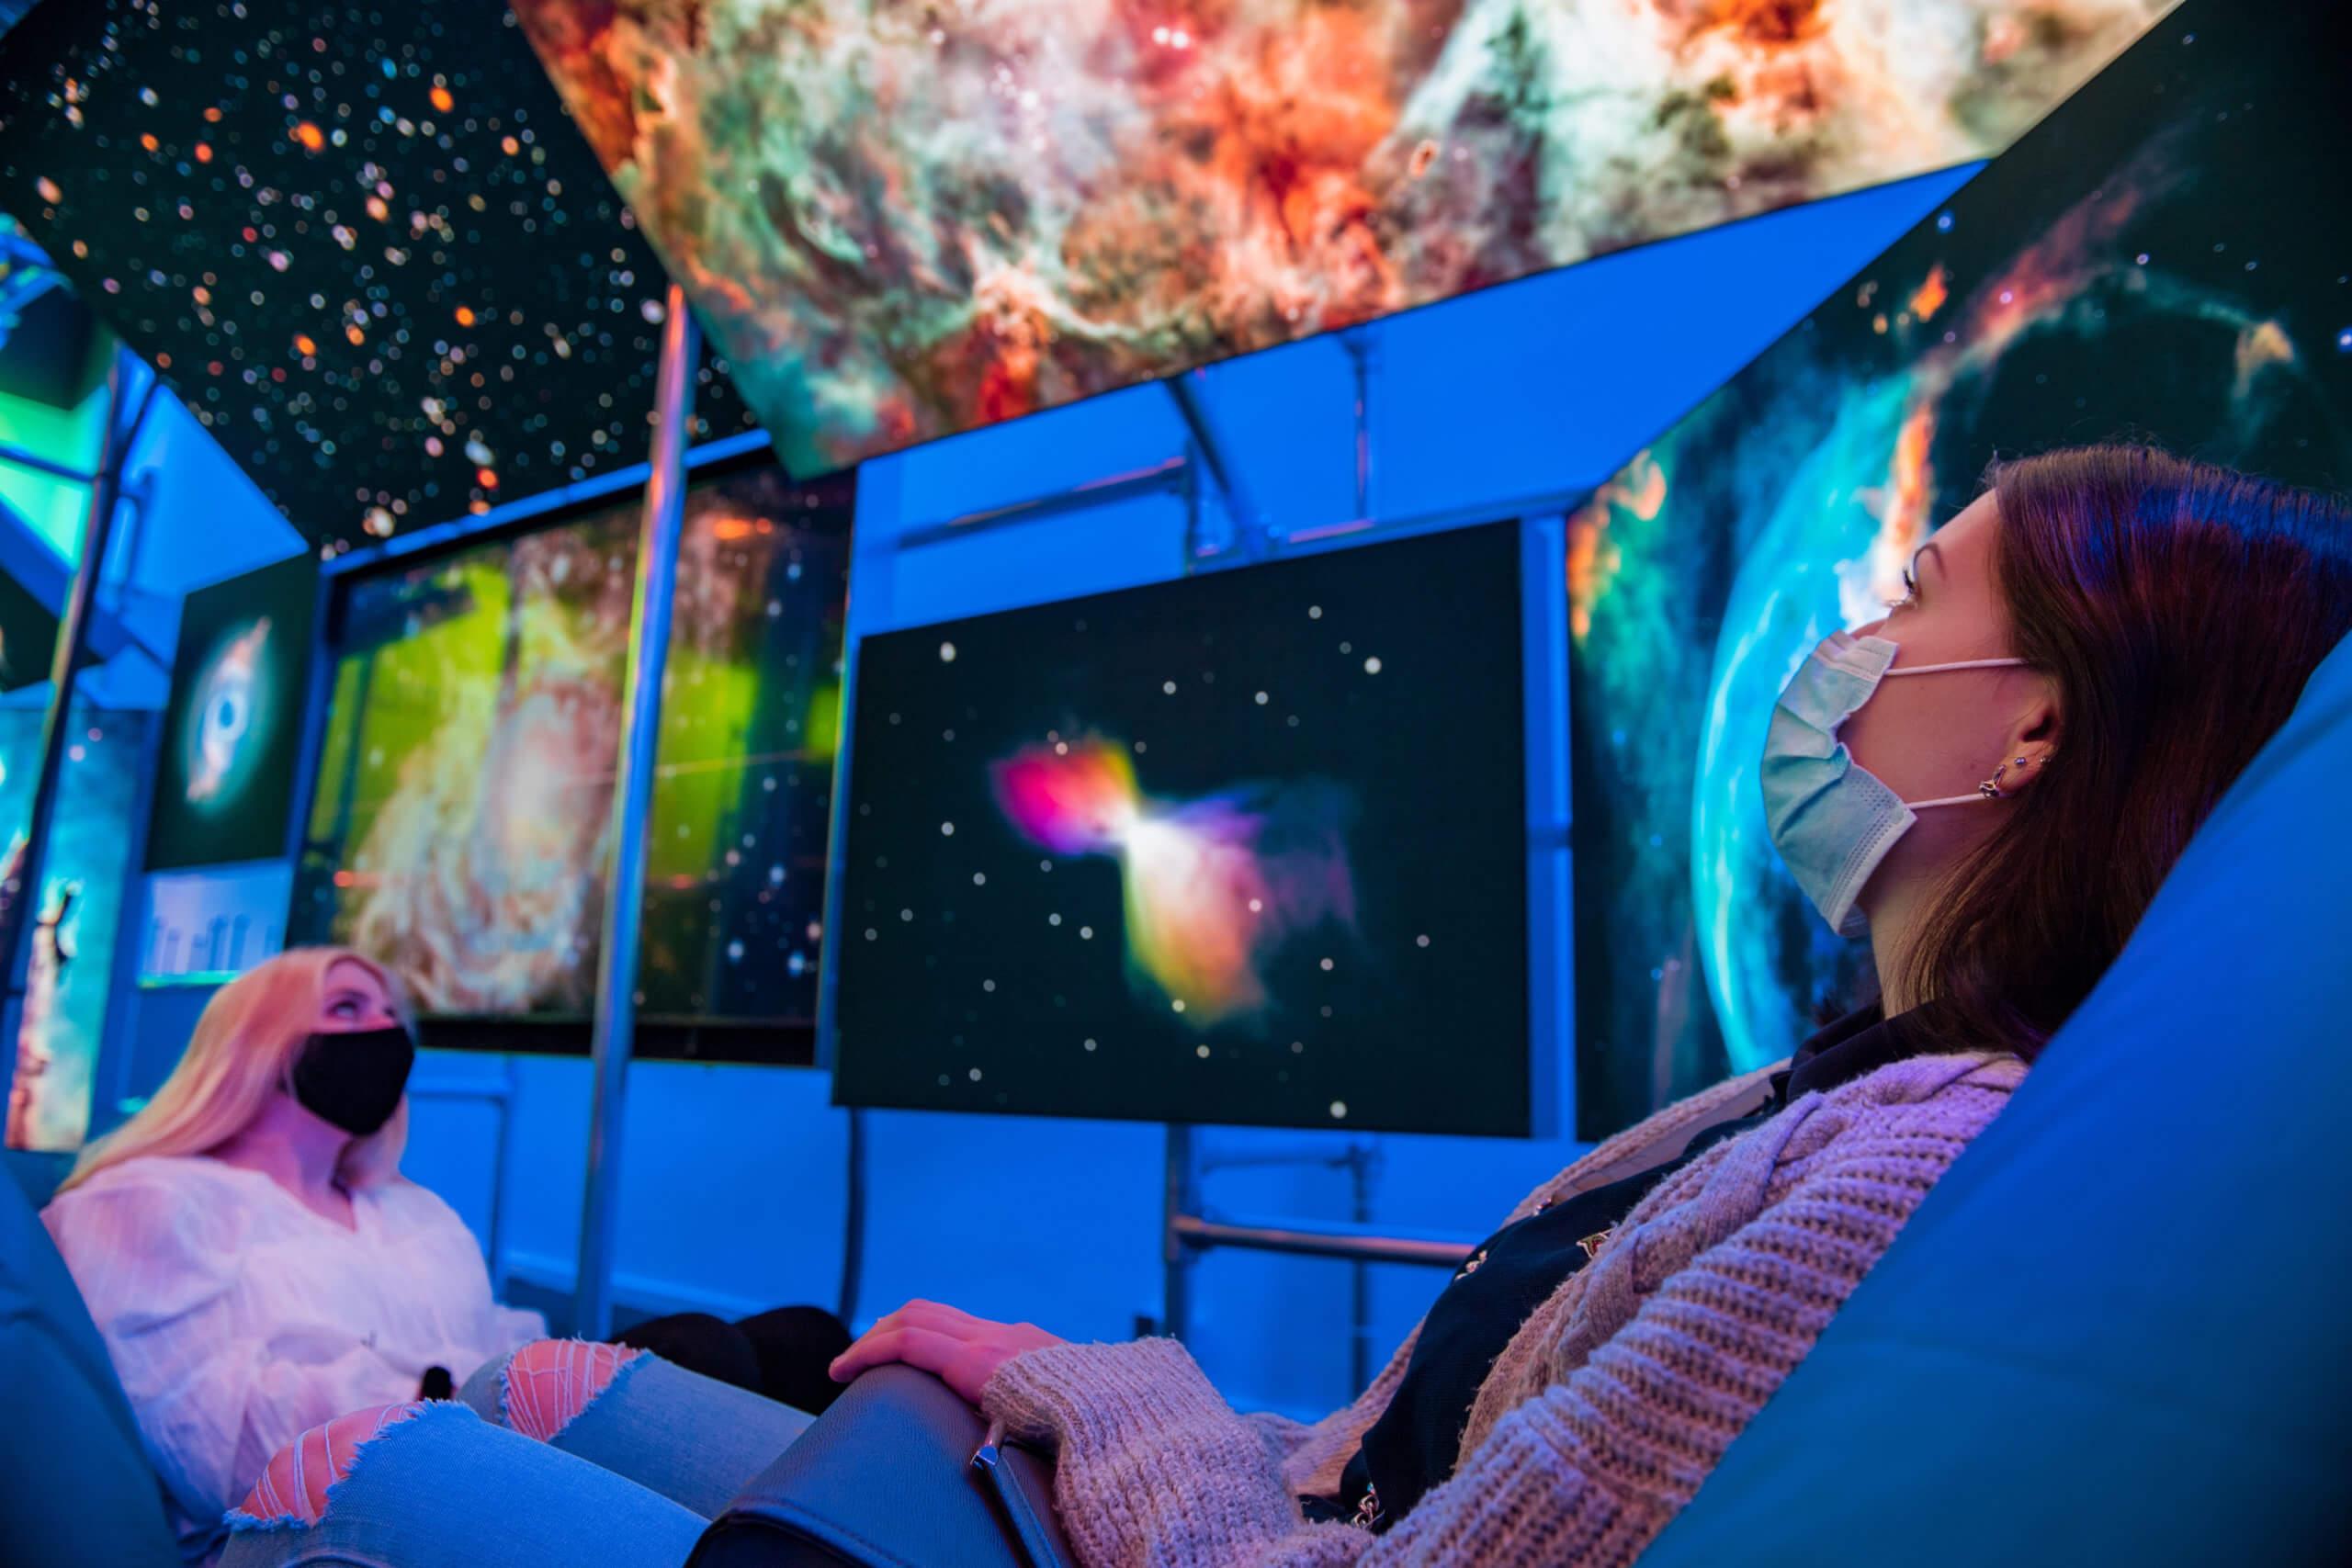 Zwei Frauen sitzen auf Sesseln und schauen kosmische Bilder an der Decke